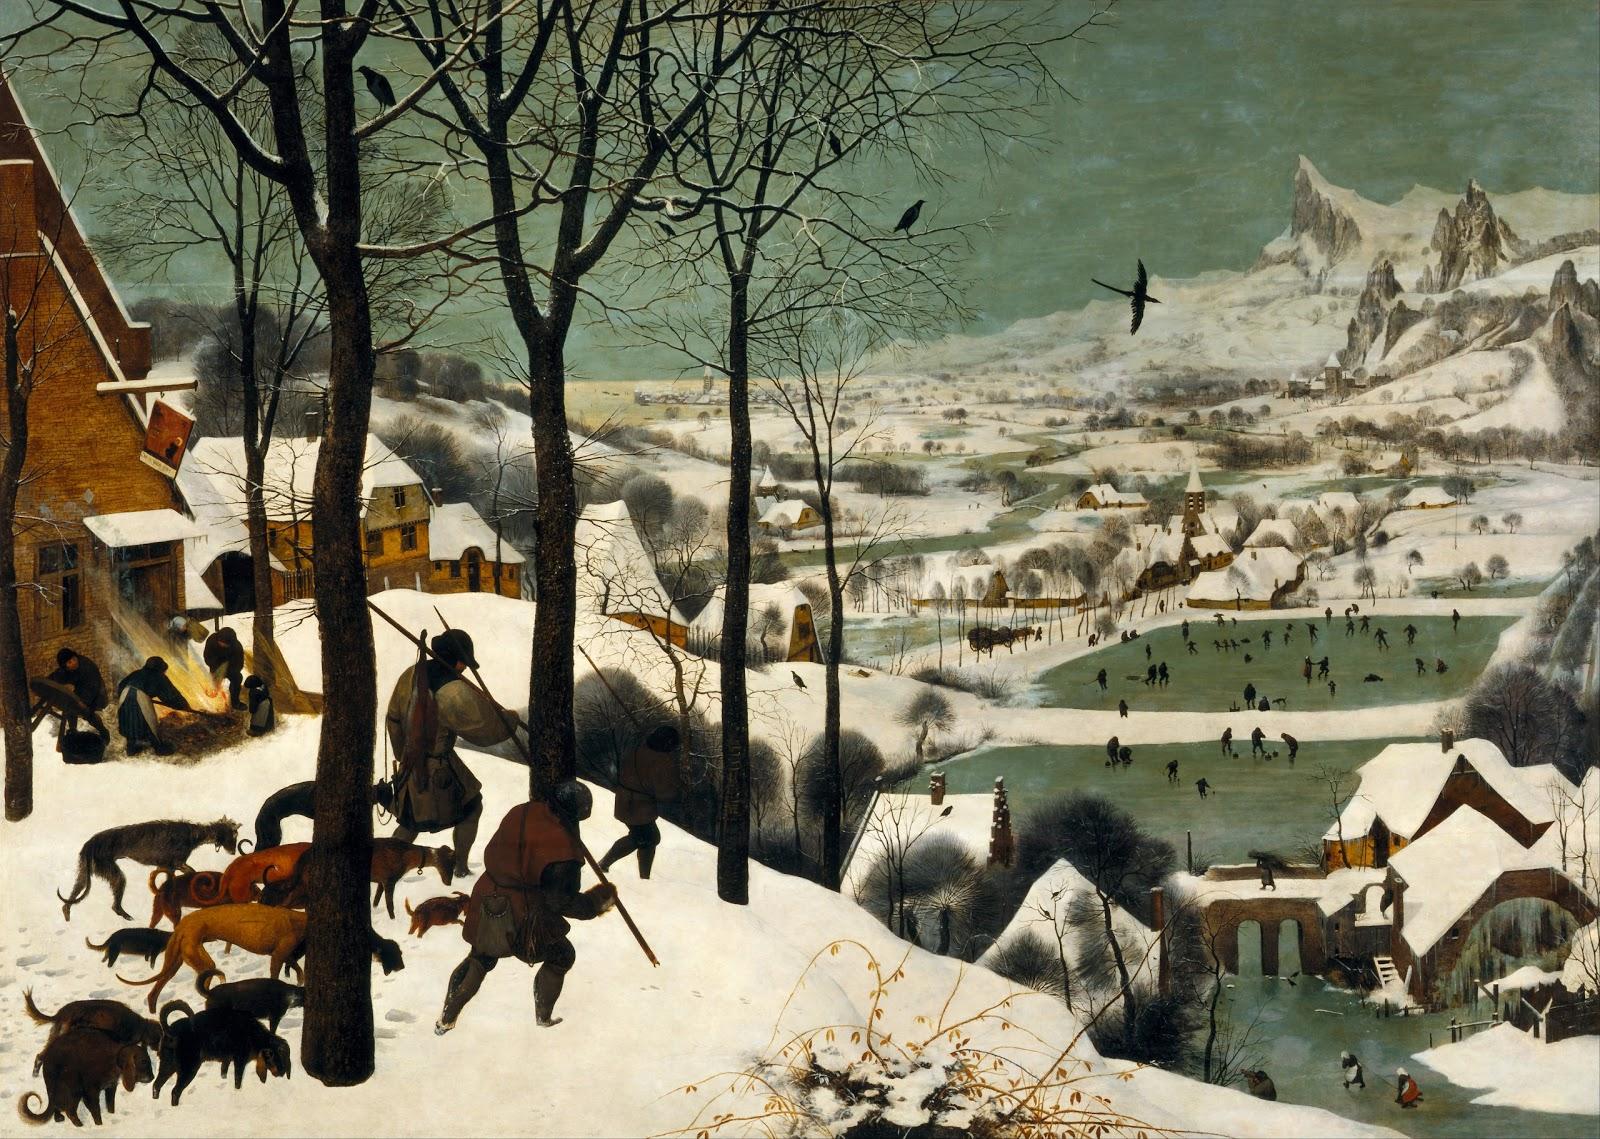 ピーテル・ブリューゲルの雪中の狩人(連作月暦画の十二月と一月)